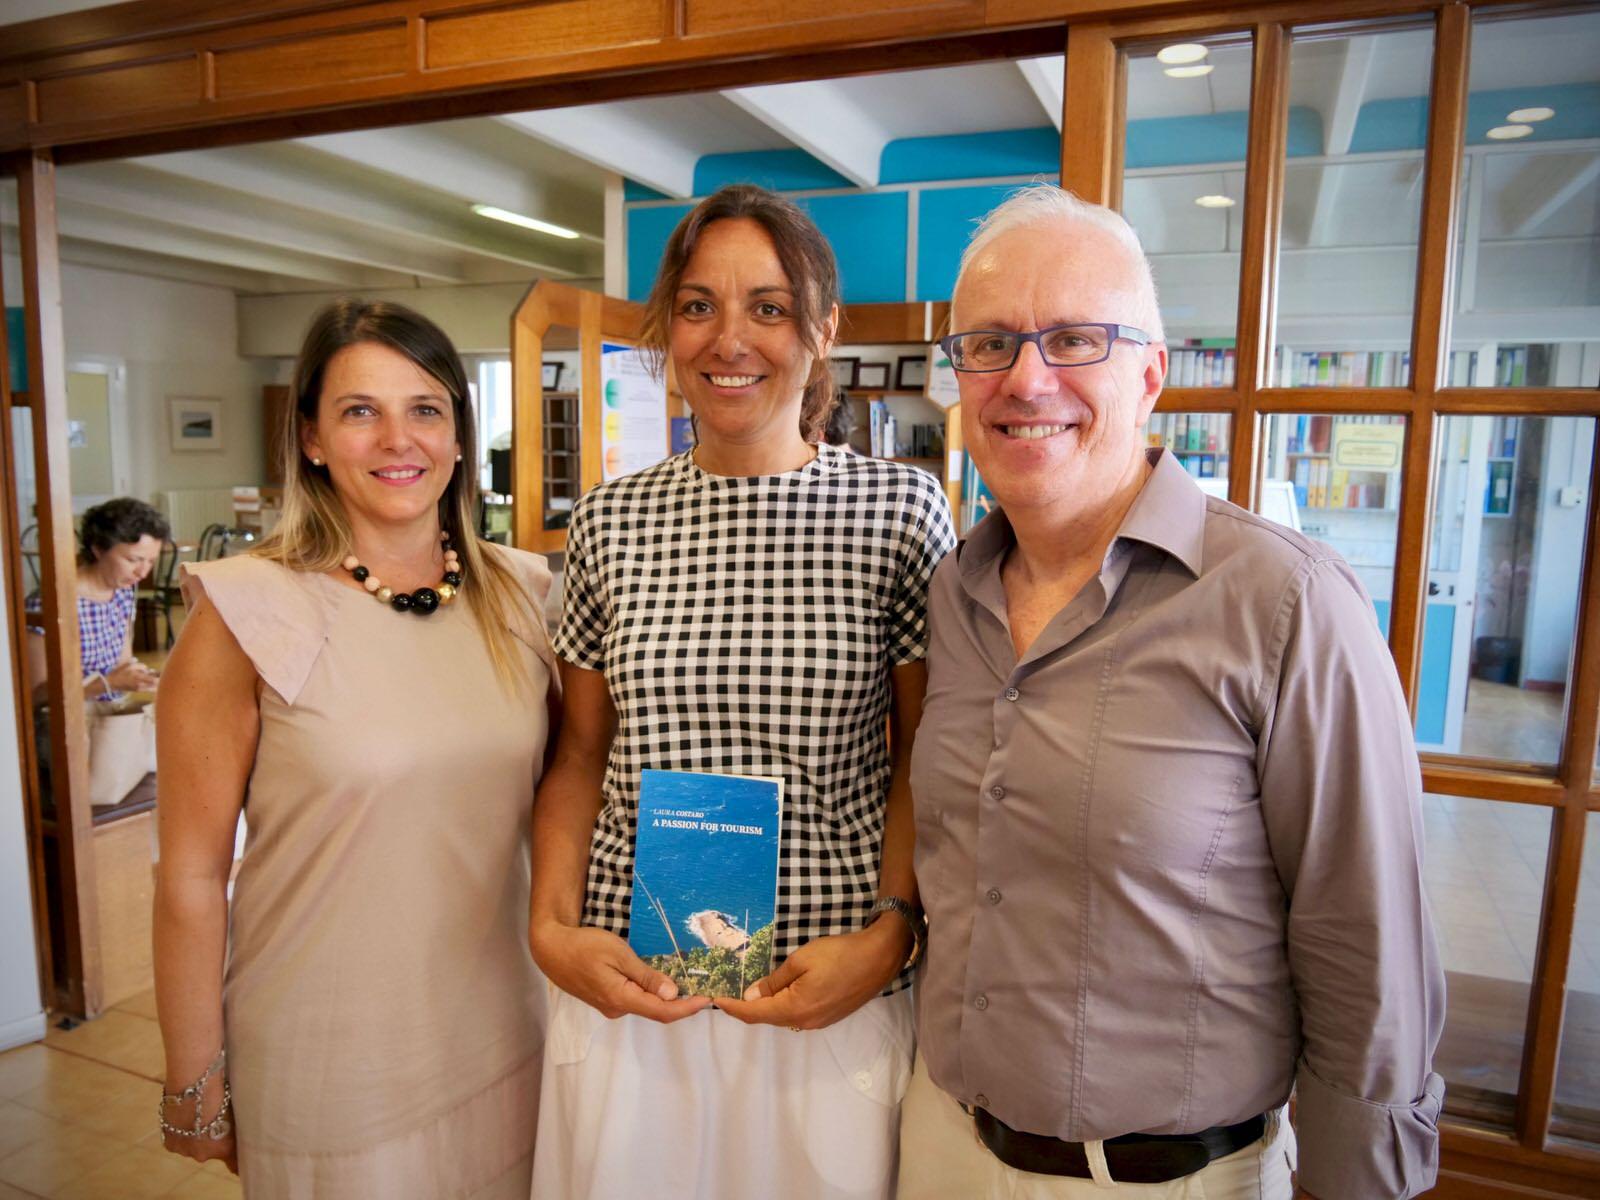 Conferenza Stampa presentazione libro Laura Costaro - A Passion for Tourism 2019.07.26 - 1